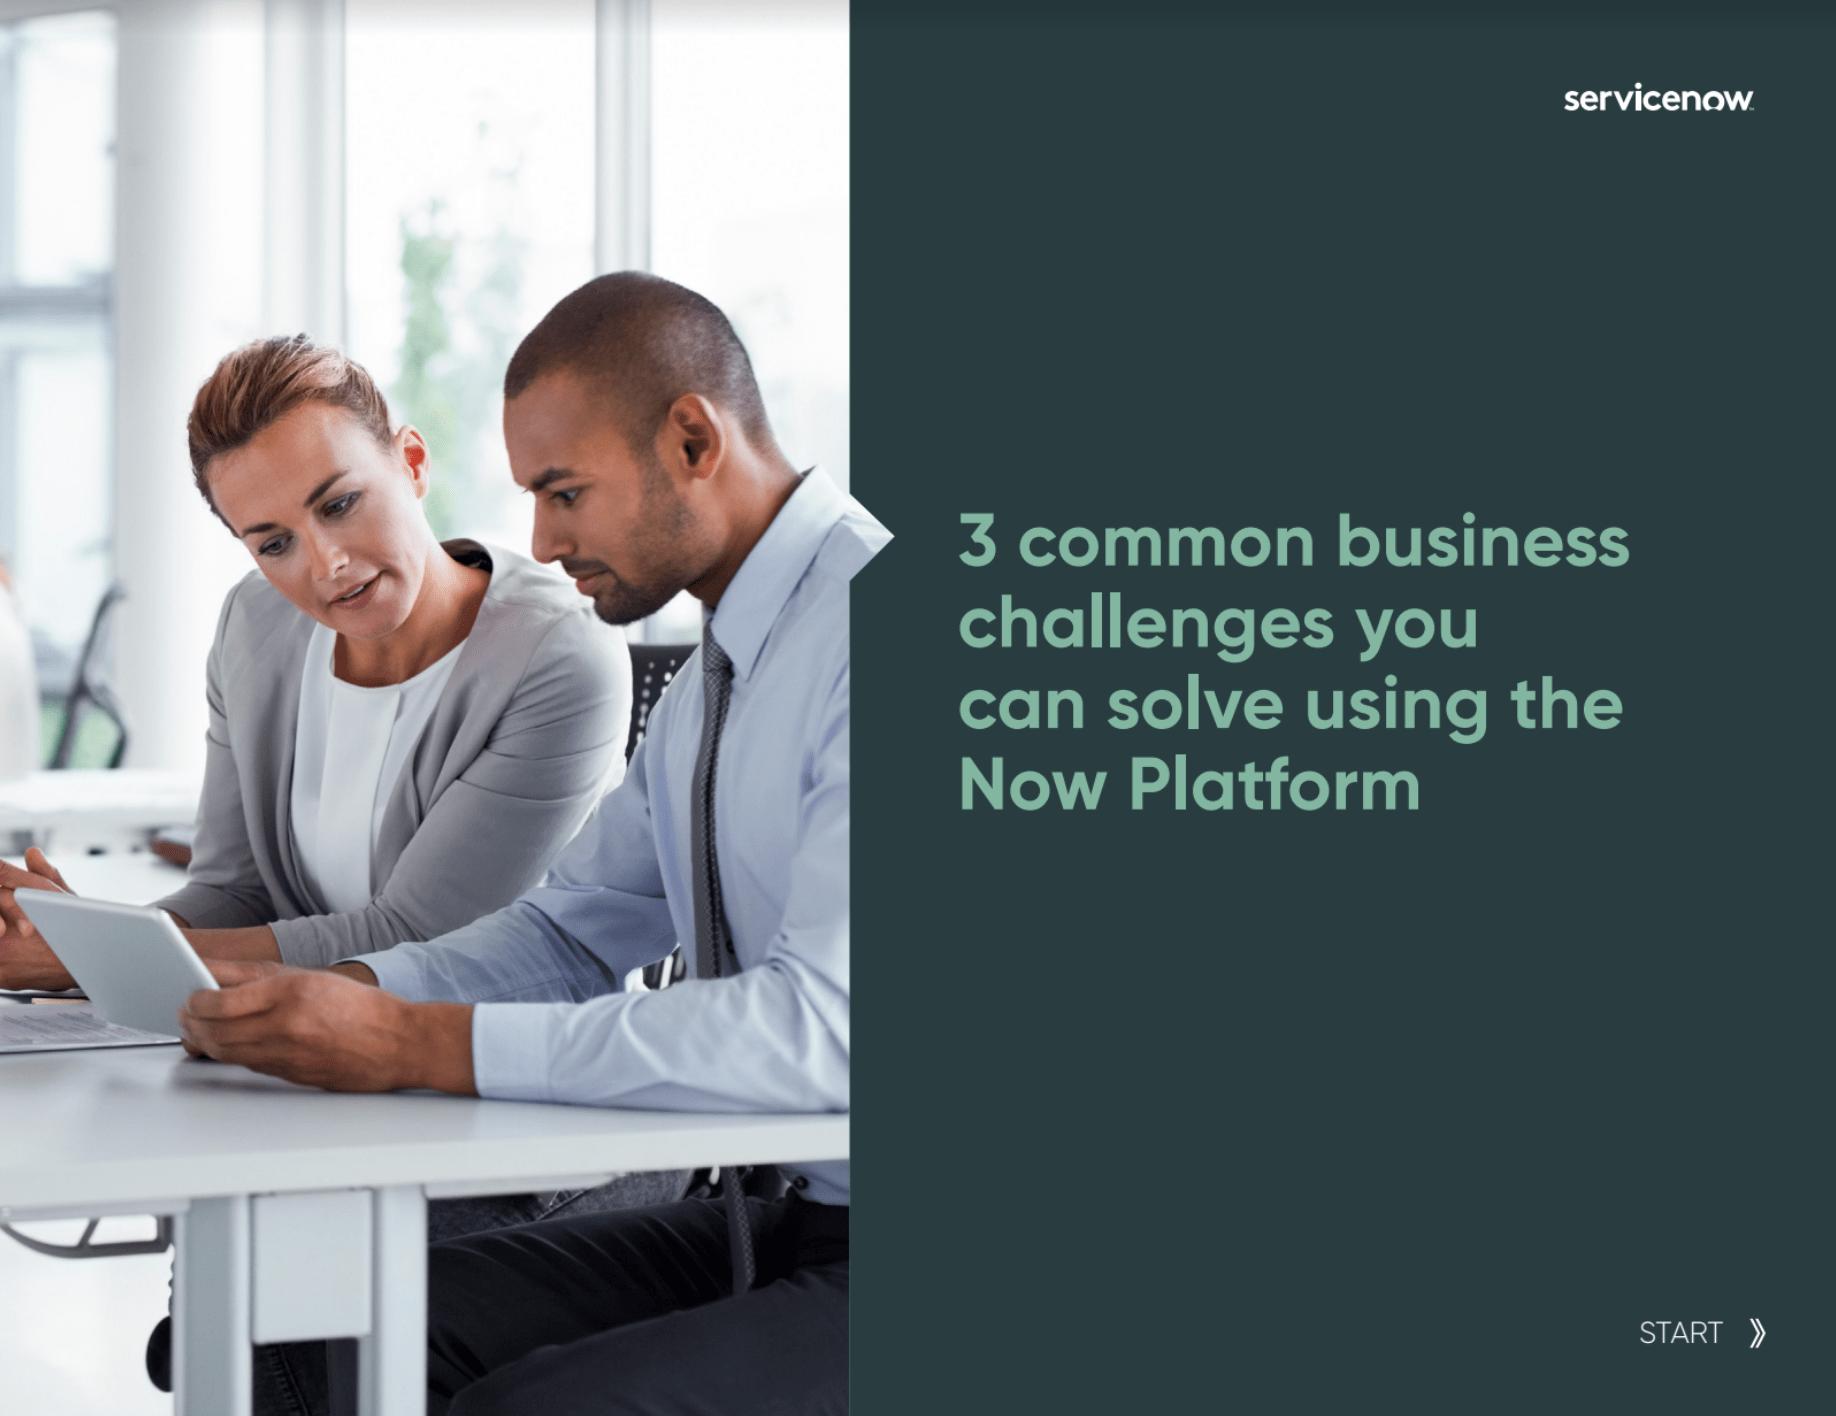 """Forsiden av E-boken """"3 common business challenges you can solve using the Now Platform""""."""